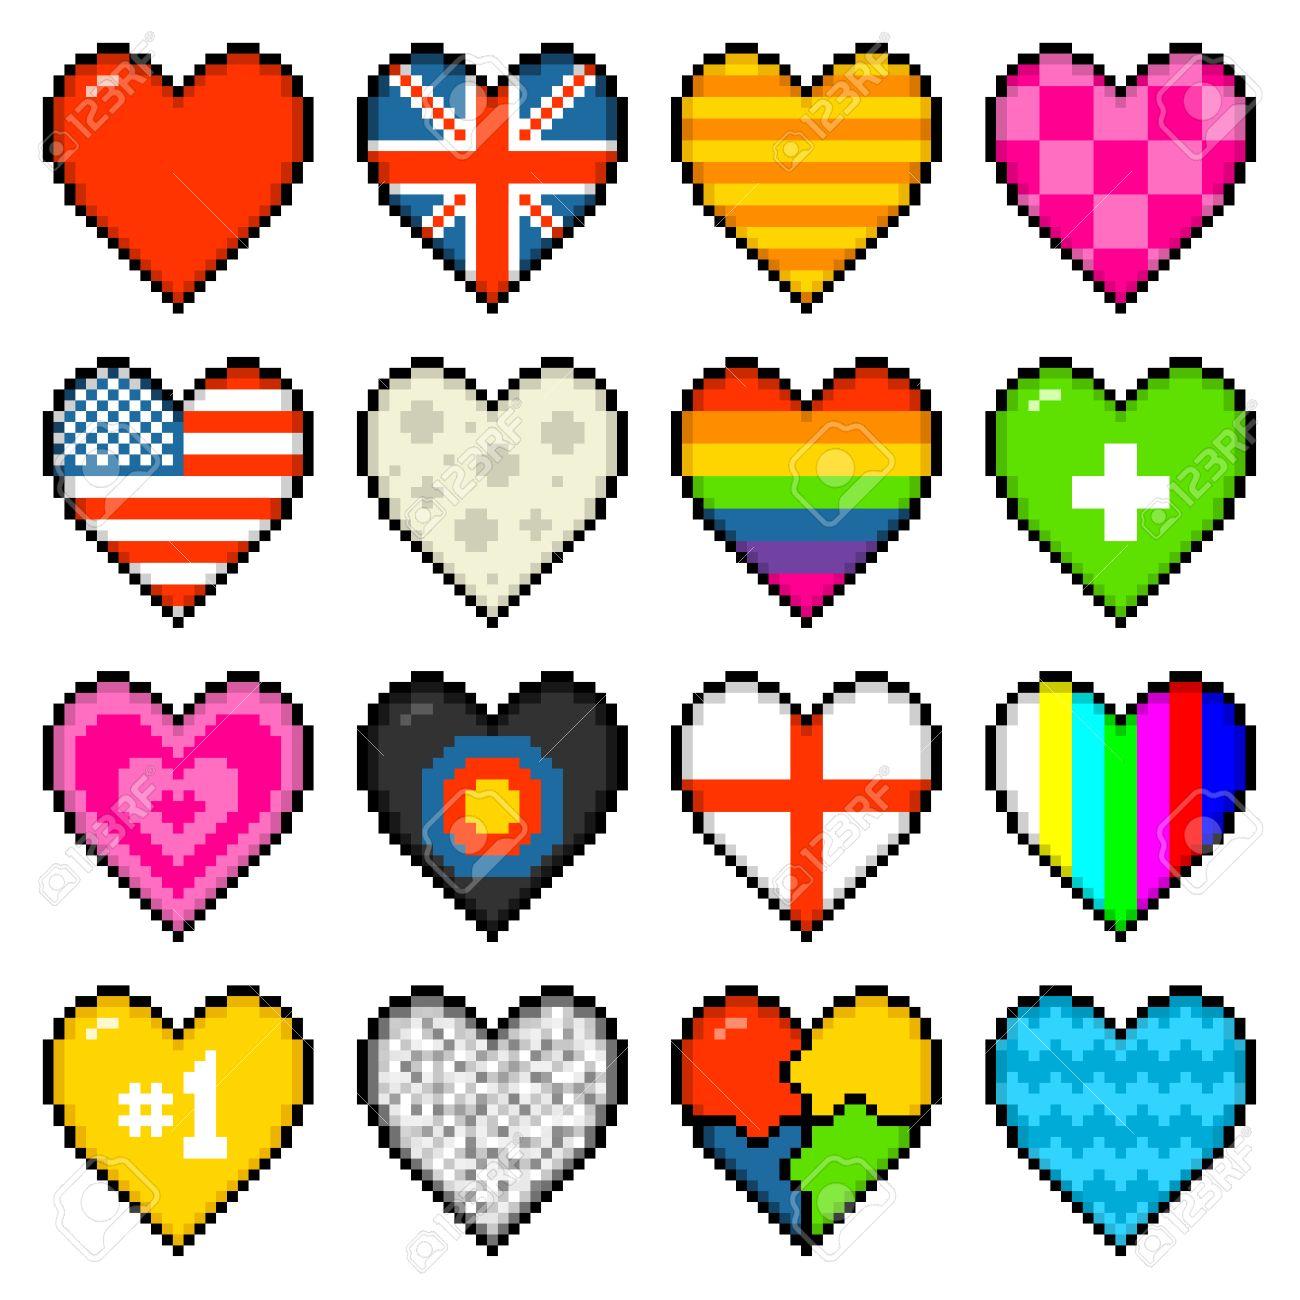 16 Coeurs De Différents Modèles Dans Un Style Pixel Art 8 Bit